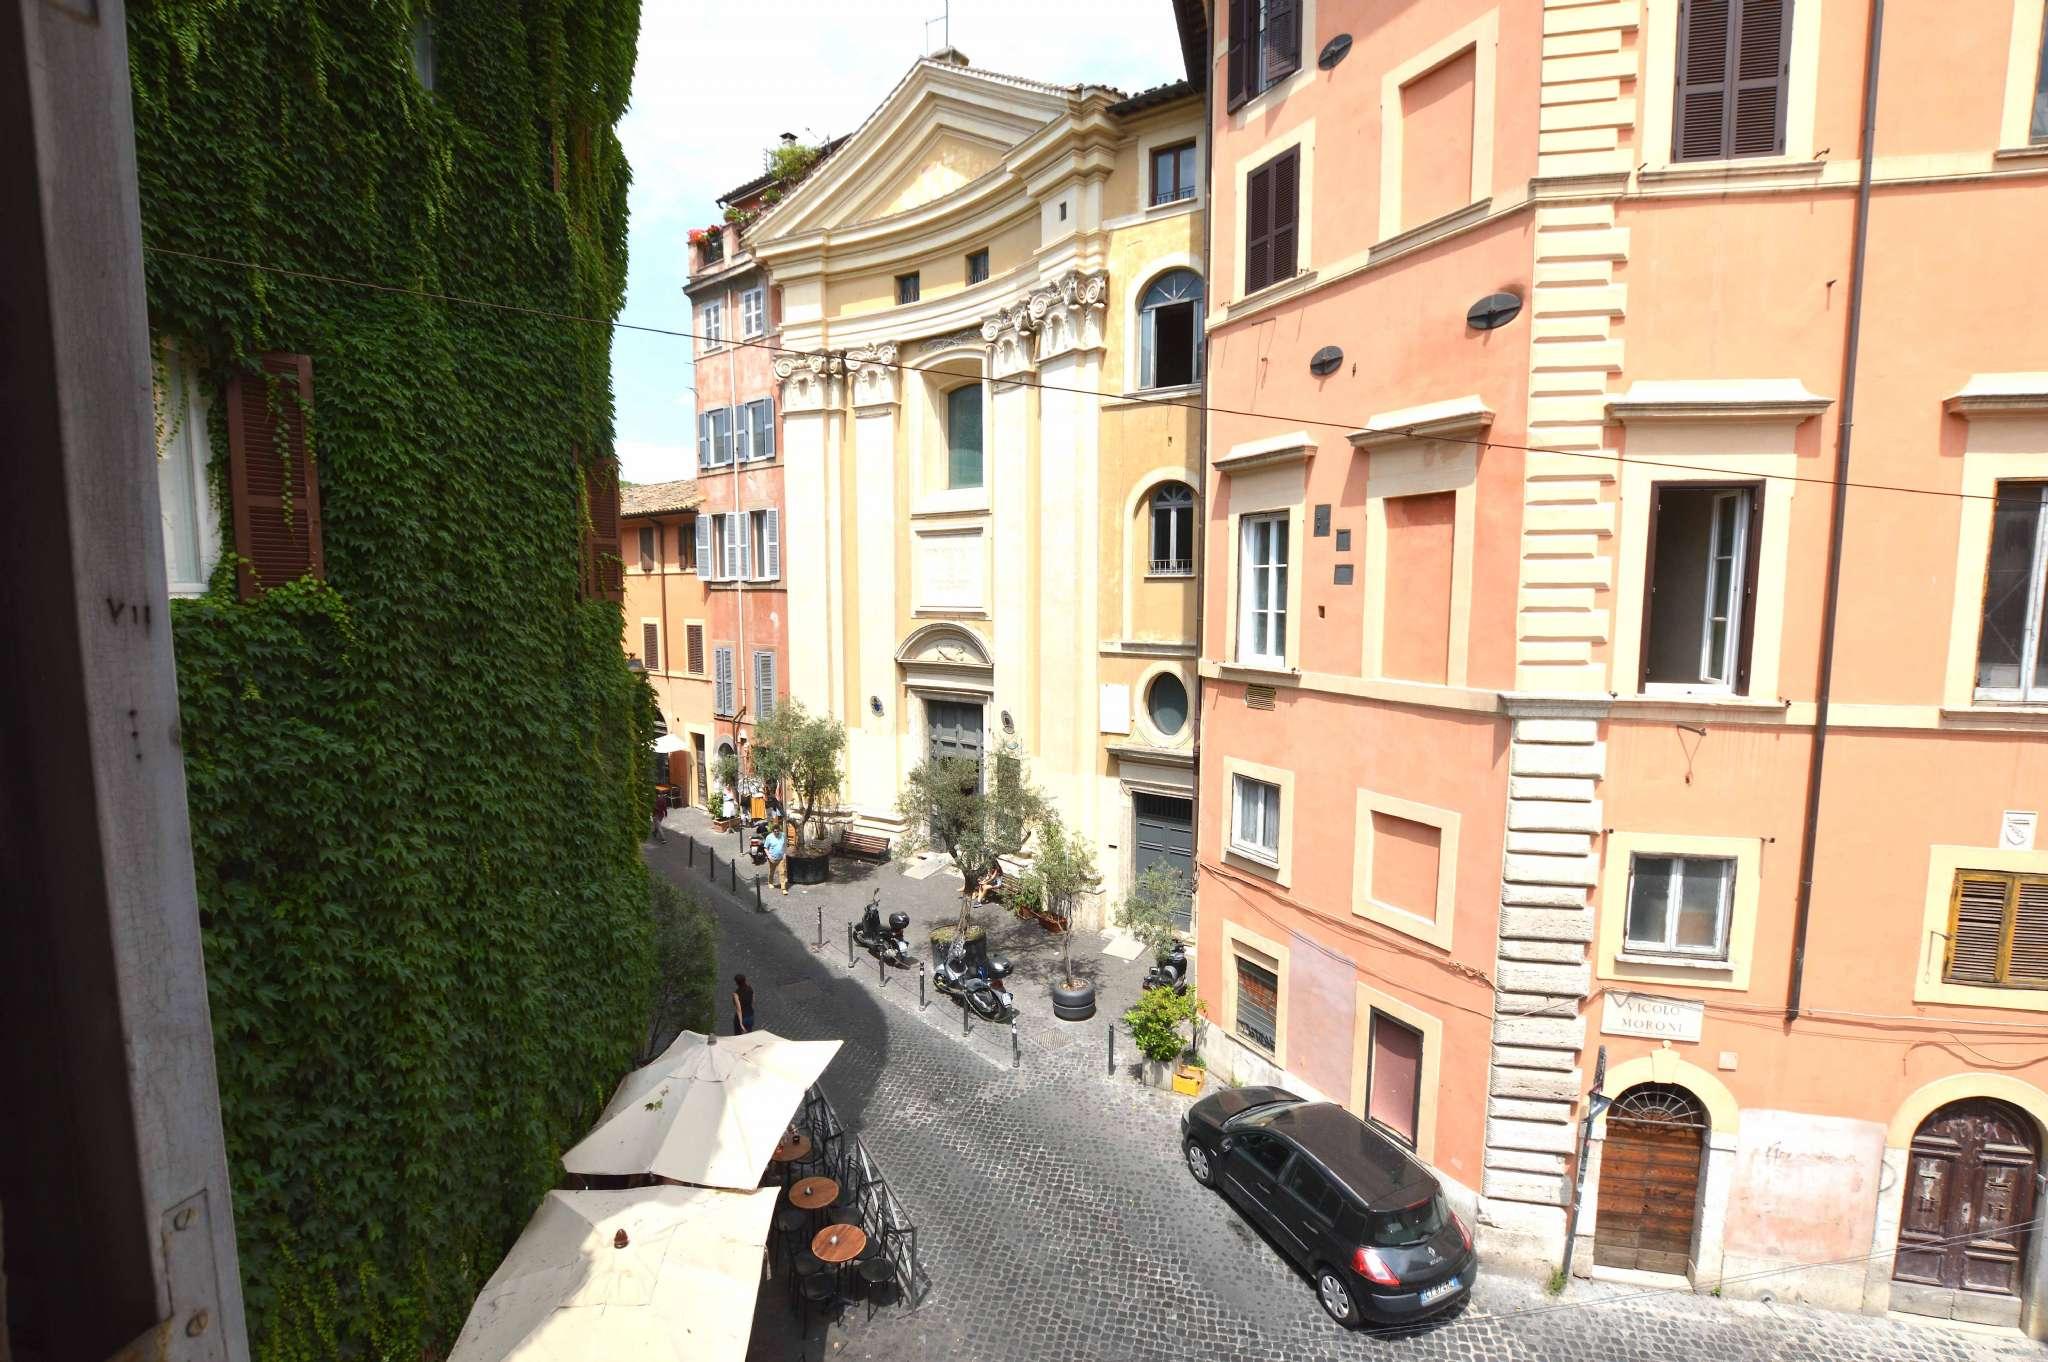 Palazzo / Stabile in vendita a Roma, 15 locali, zona Zona: 25 . Trastevere - Testaccio, prezzo € 4.200.000   CambioCasa.it